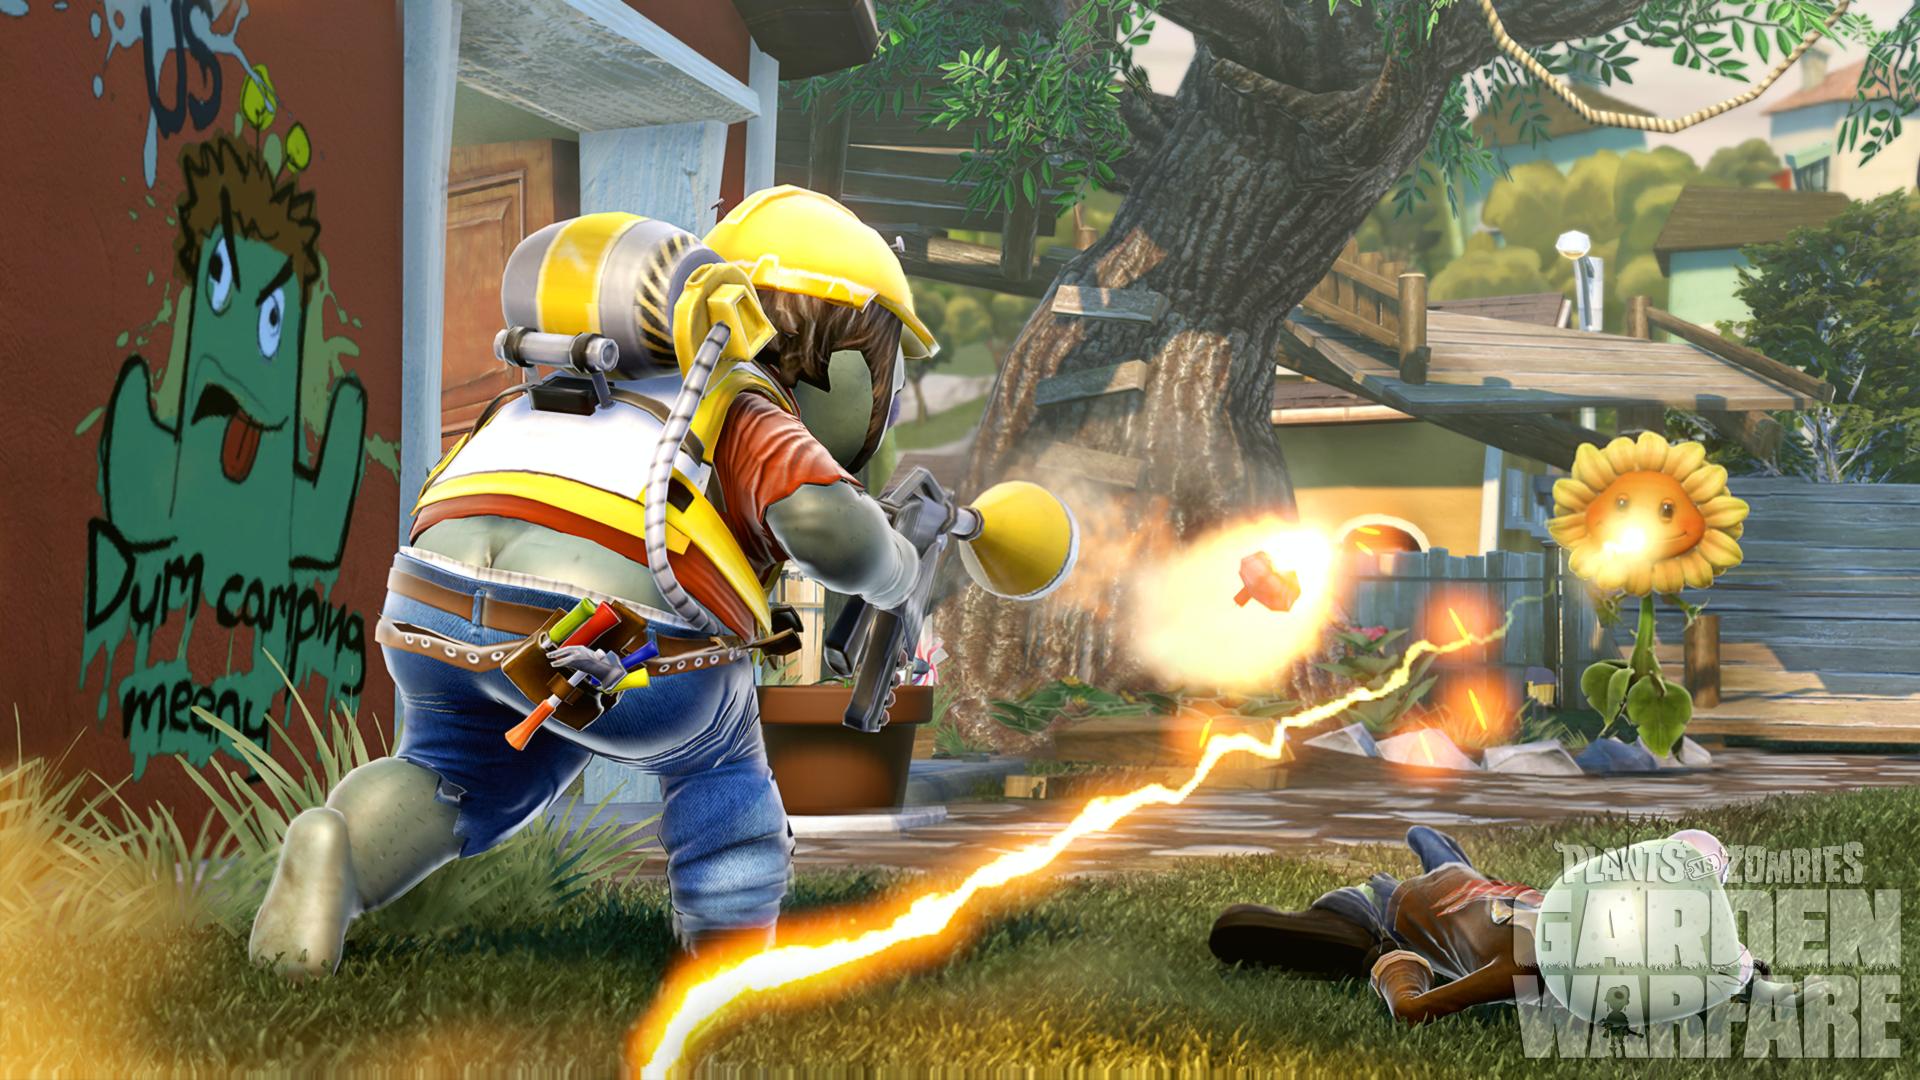 Pvz Gamescom  Wm A Shot Of An Engineer Battling With The Sunflower In Gardens Graveyards